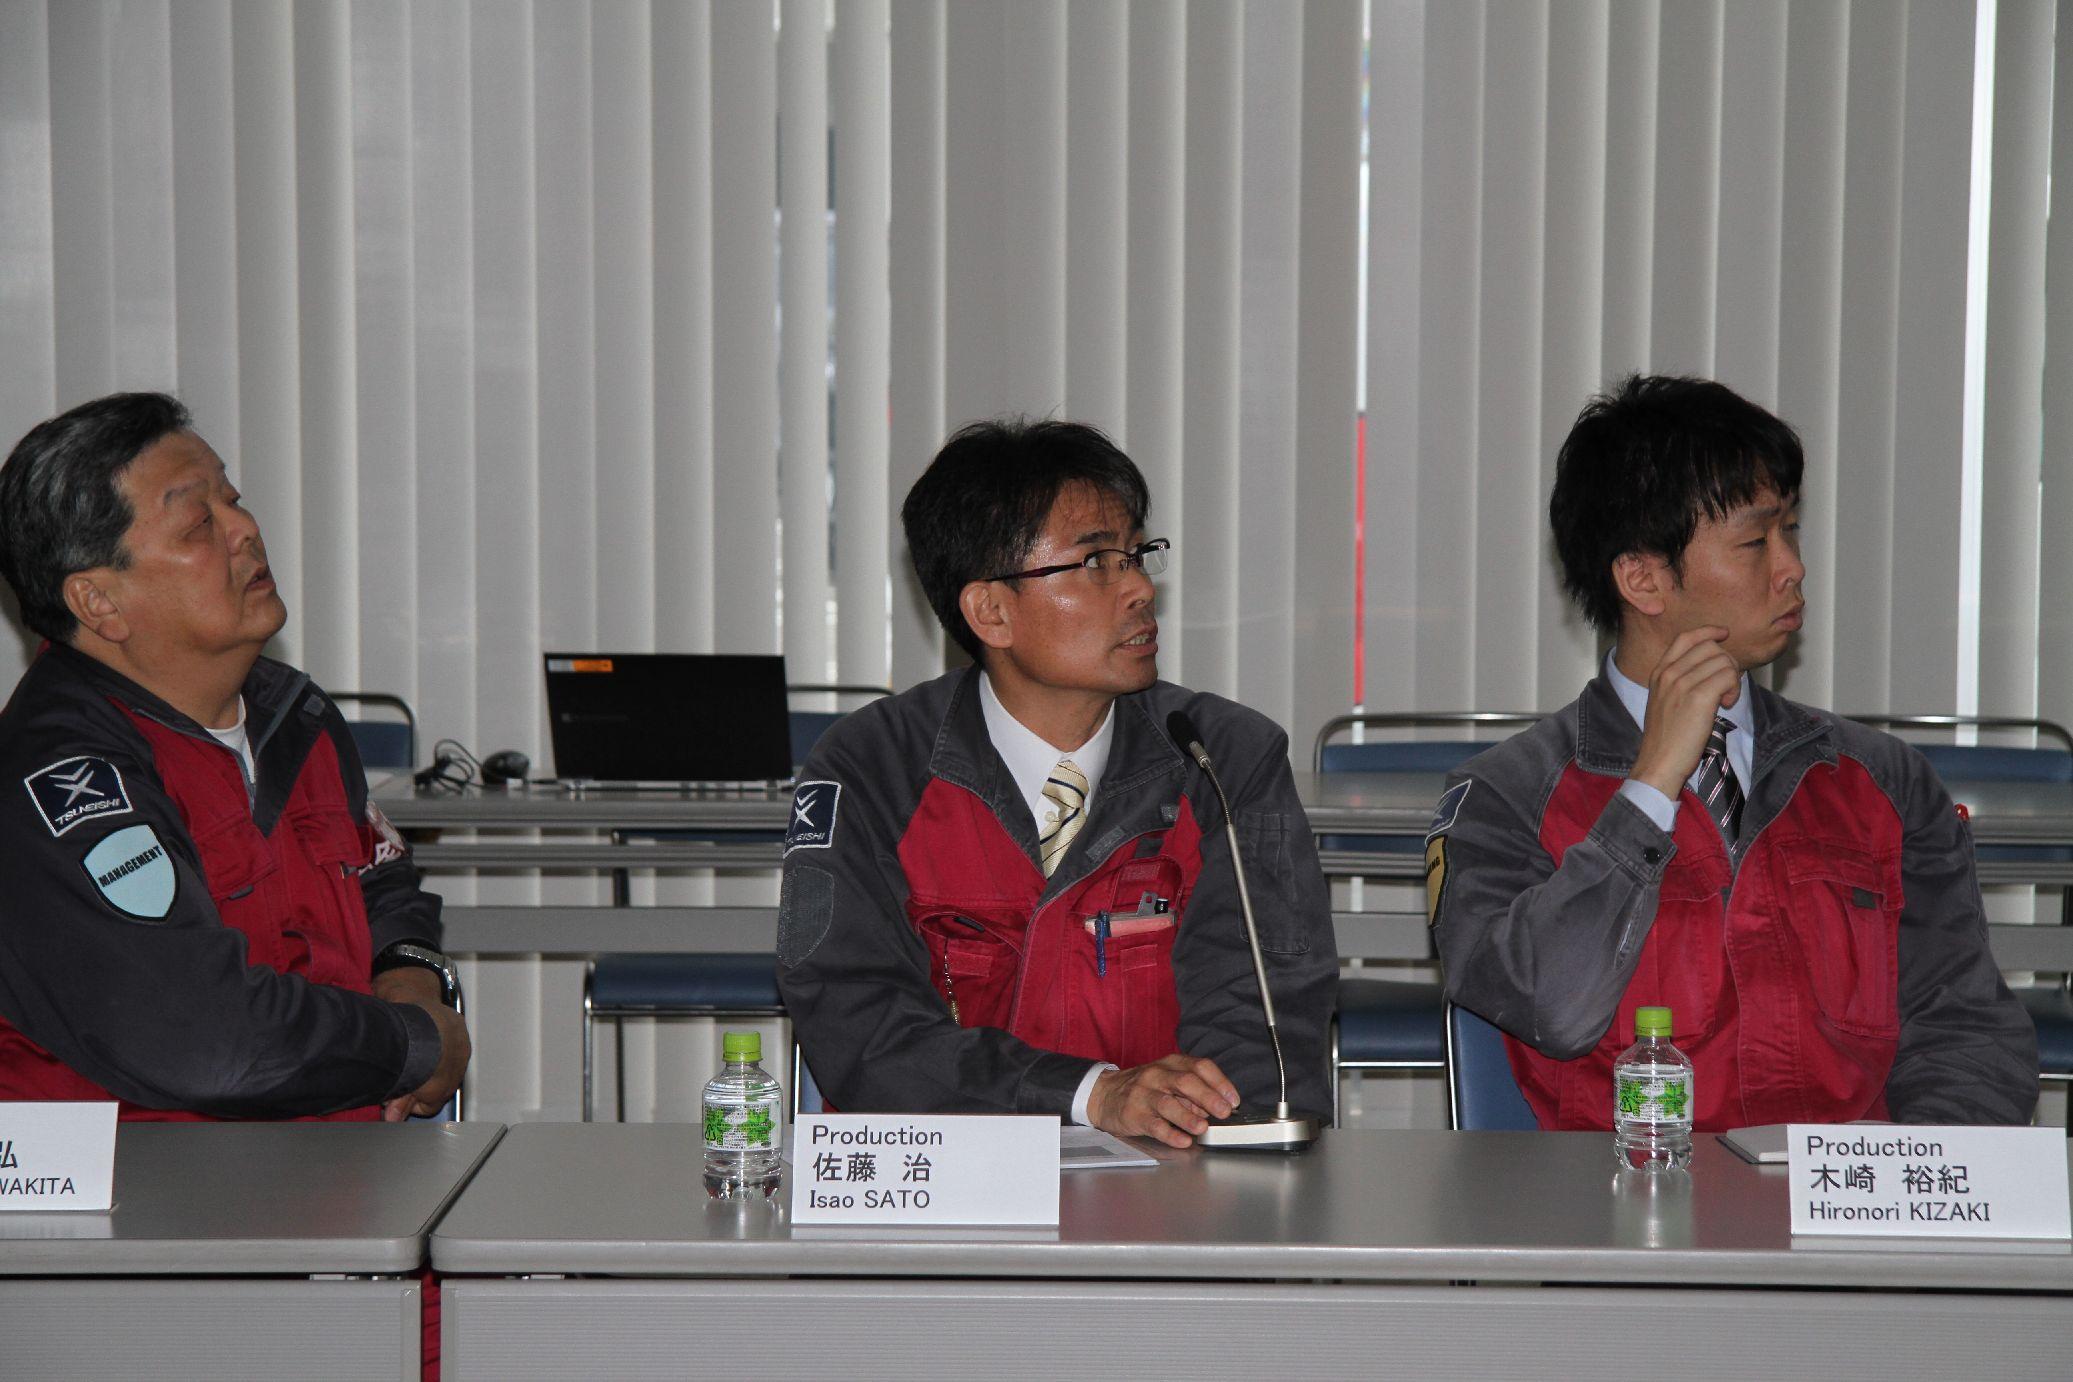 Presentation from TSUNEISHI